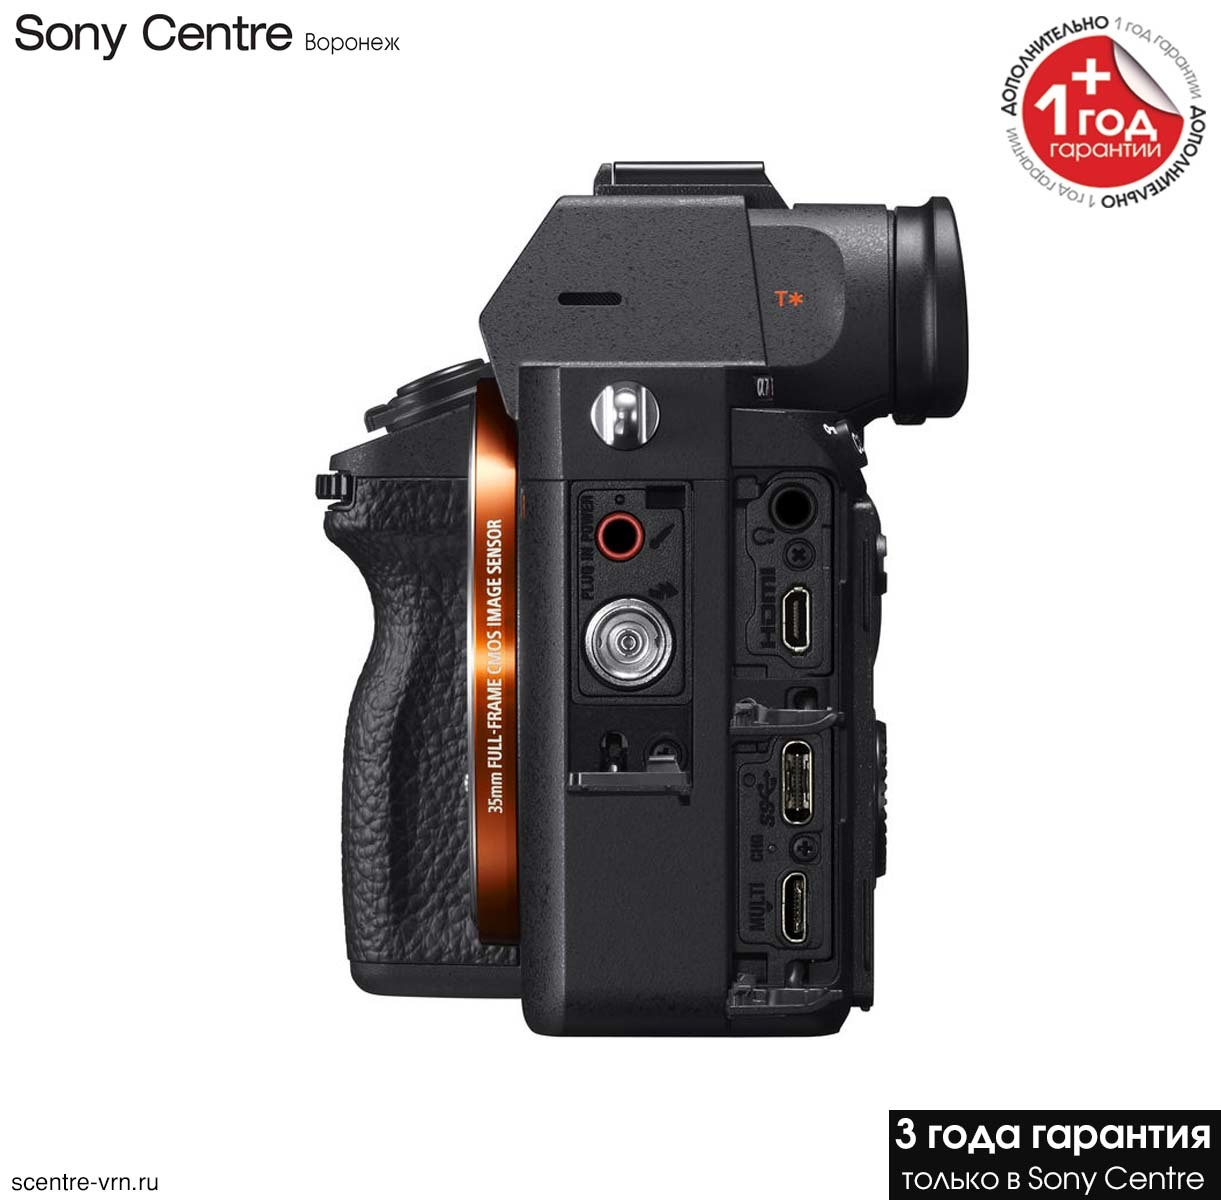 Купить Sony Alpha ILCE-7RM3 в Sony Centre Воронеж